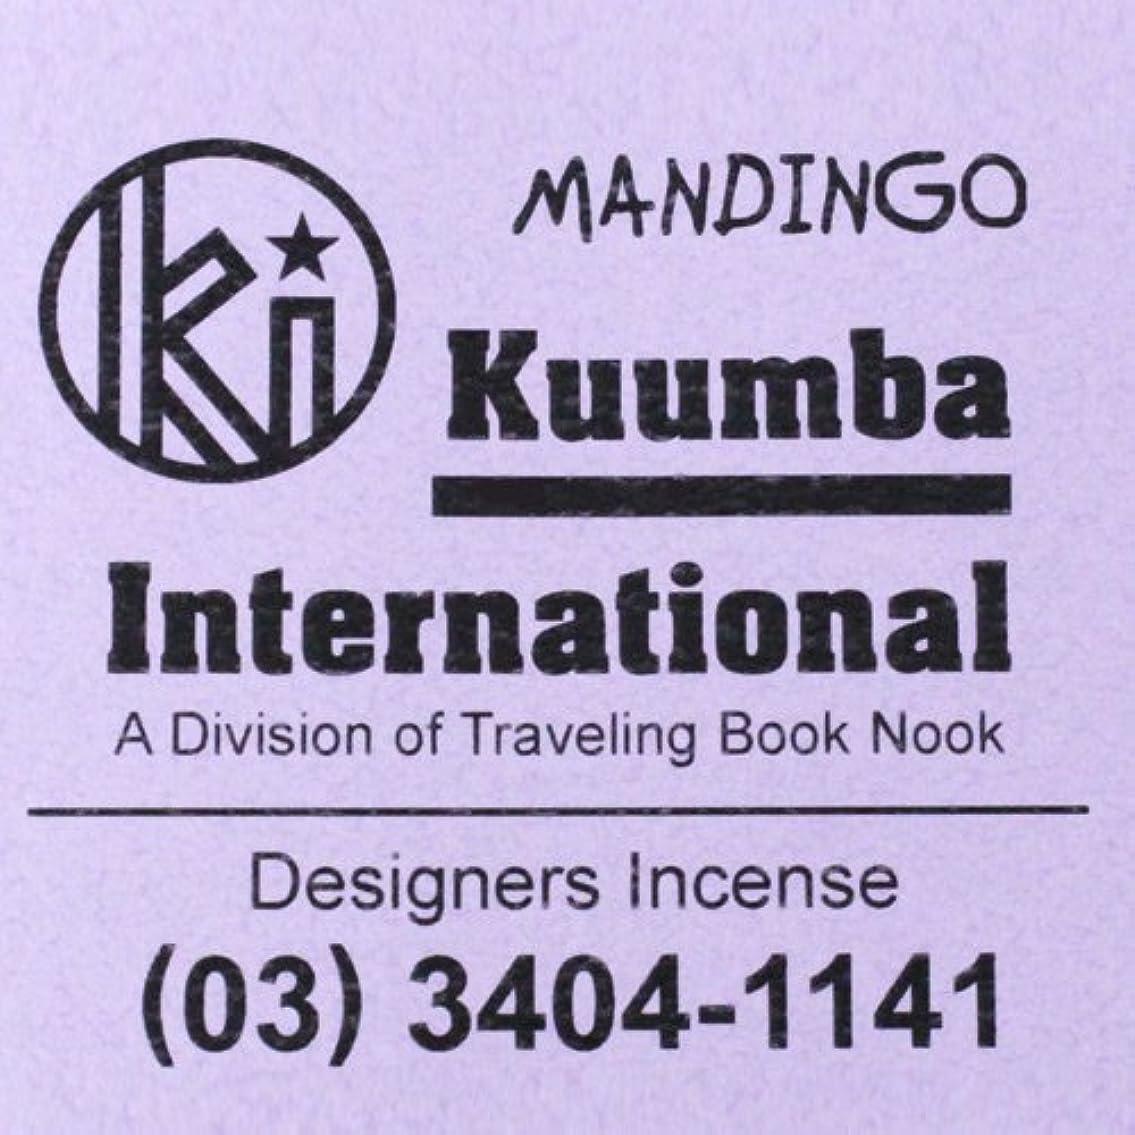 性差別再開複雑な(クンバ) KUUMBA『incense』(MANDINGO) (Regular size)